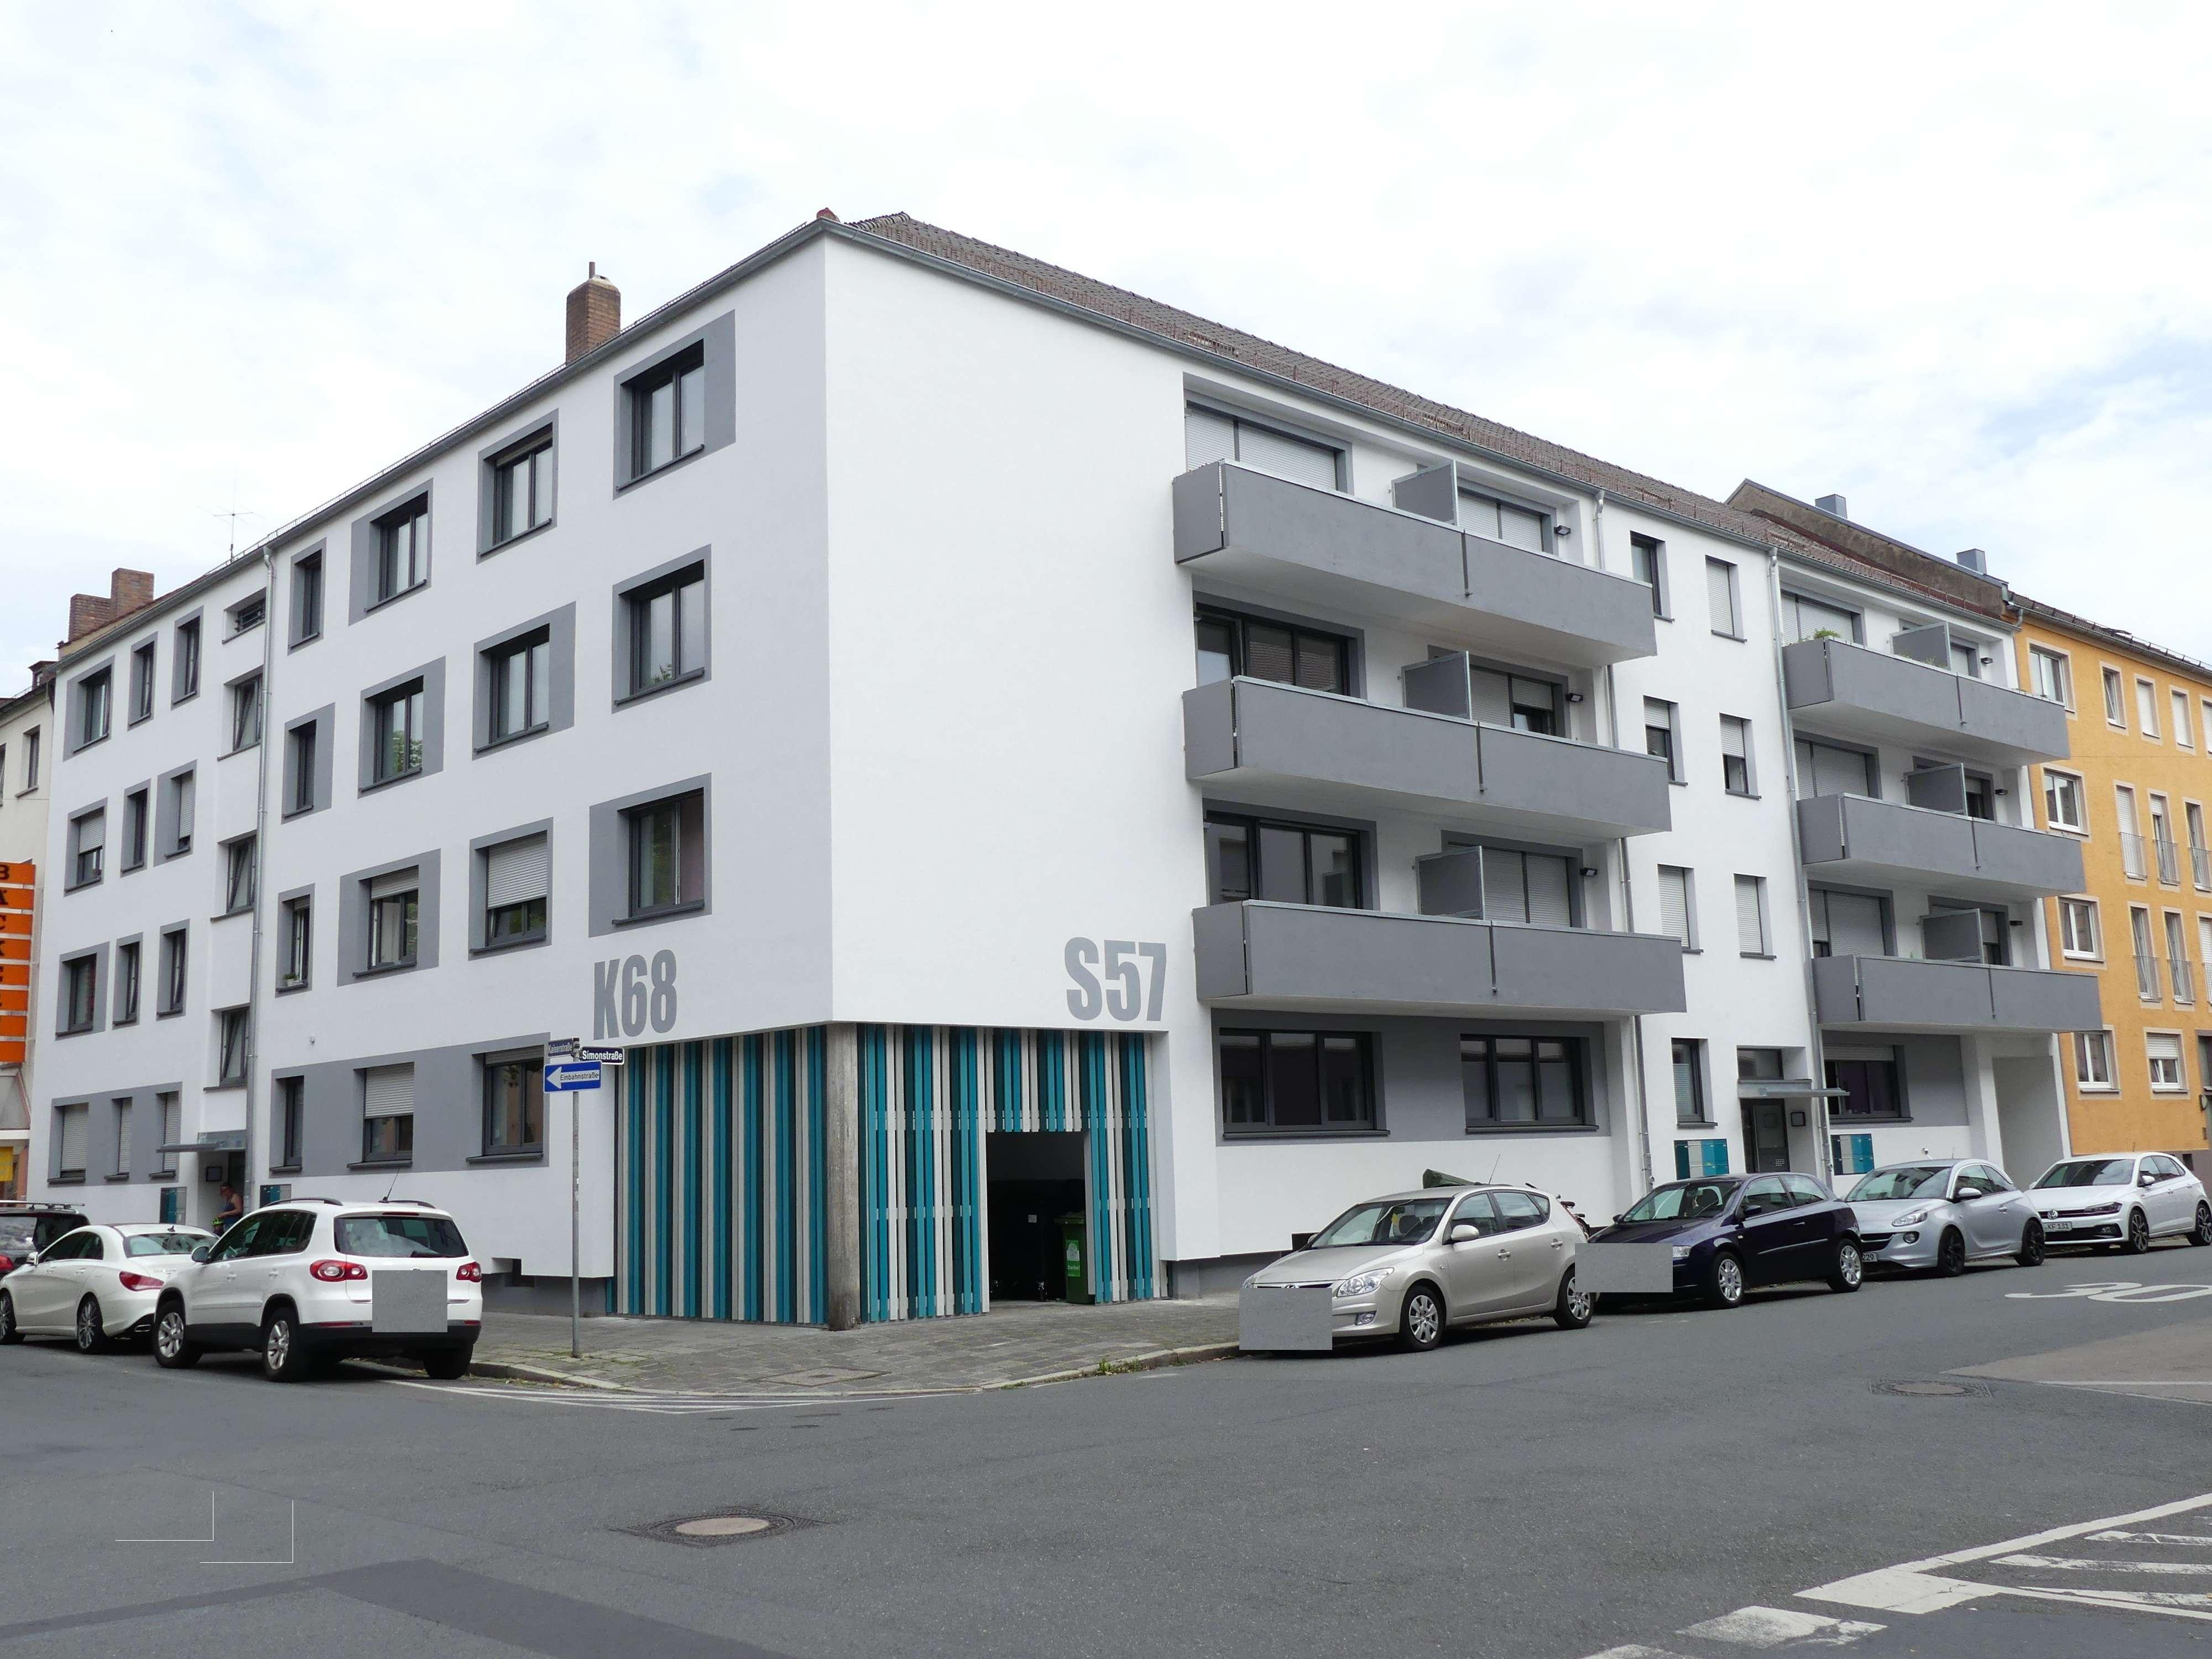 ERSTBEZUG NACH SANIERUNG! Großzügige 4-Zimmer-Wohnung, WG-geeignet in Südstadt (Fürth)